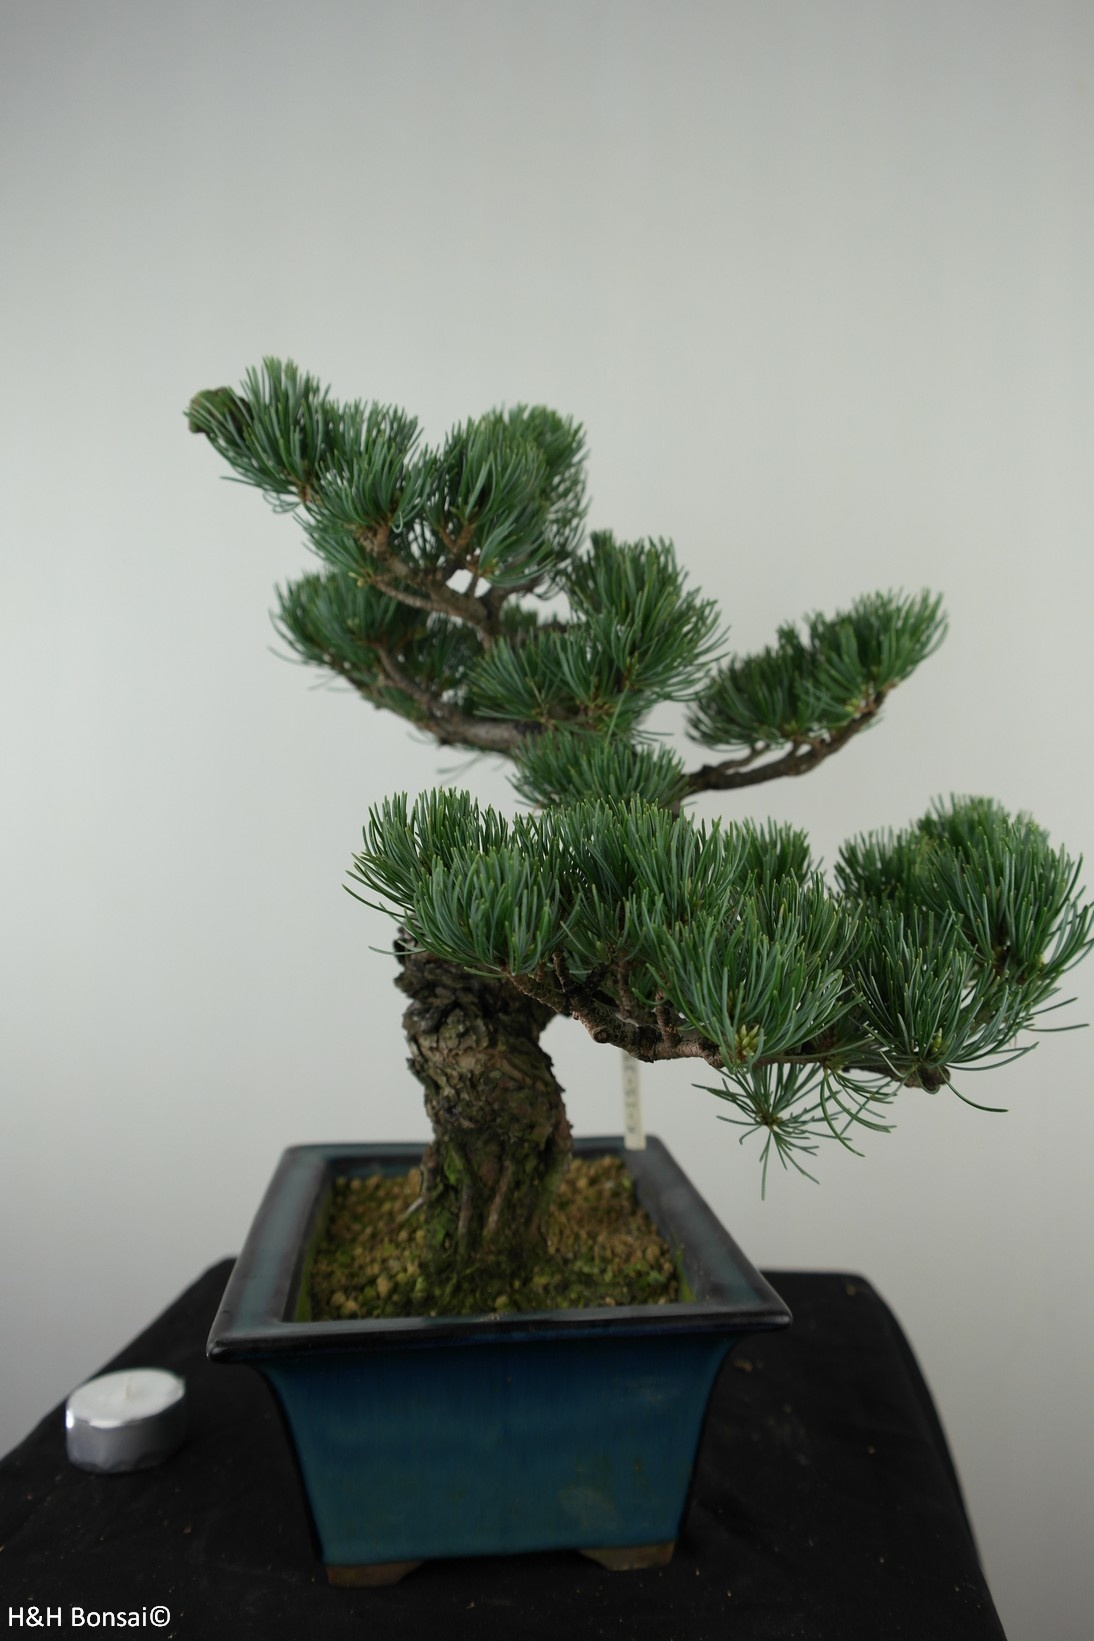 Bonsai Japanese White Pine, Pinus pentaphylla, no. 7812